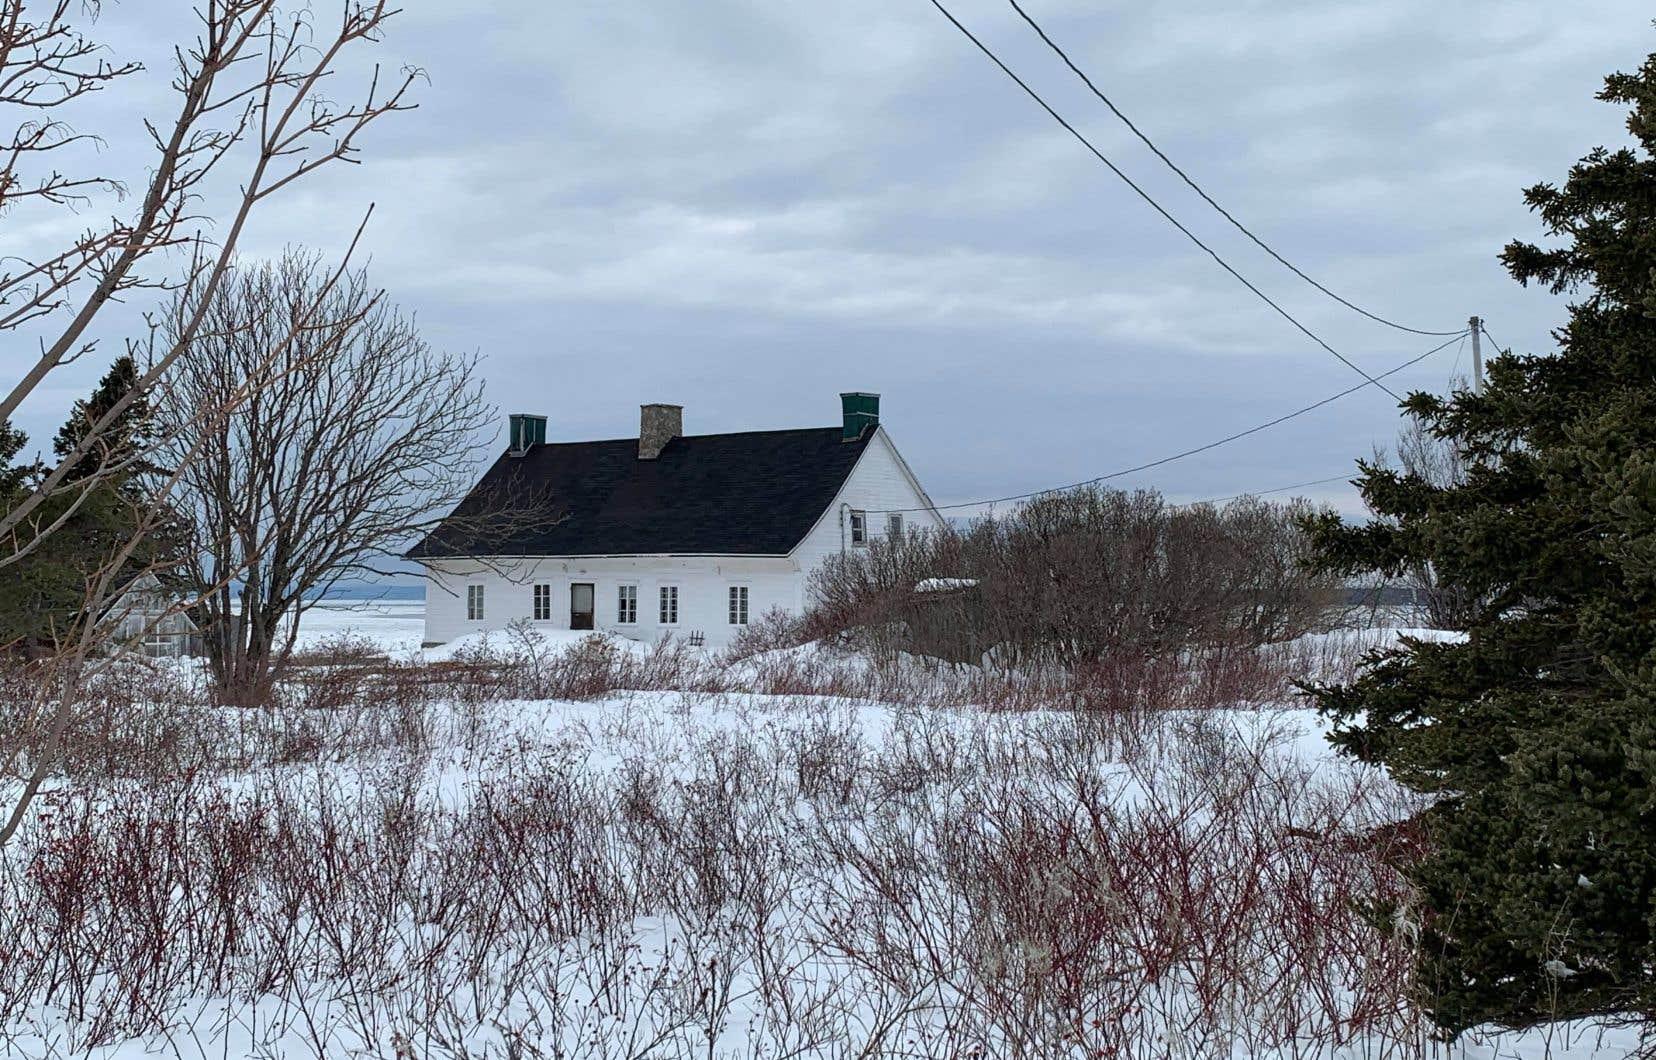 Construite entre 1803 et 1815, la résidence en bois a, dans la culture populaire, le nom de «manoir» bien qu'elle n'en ait jamais été un formellement, rappelle l'historien Robert Larin. Cette maison d'agriculteur présente un toit à larmiers retroussés typique.